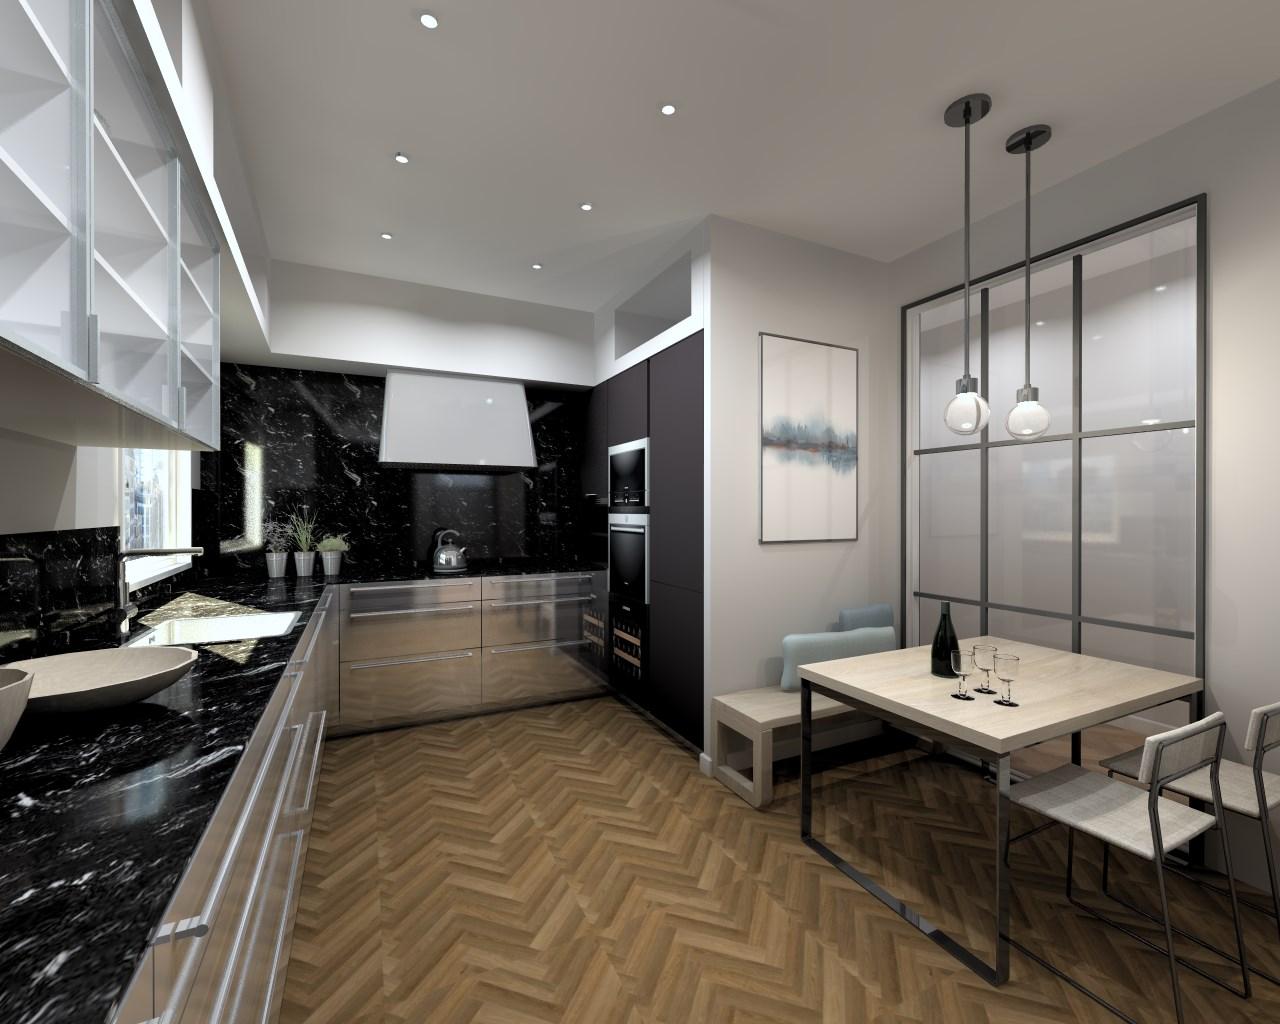 Cocina de diseño de estilo industrial | Docrys Cocinas